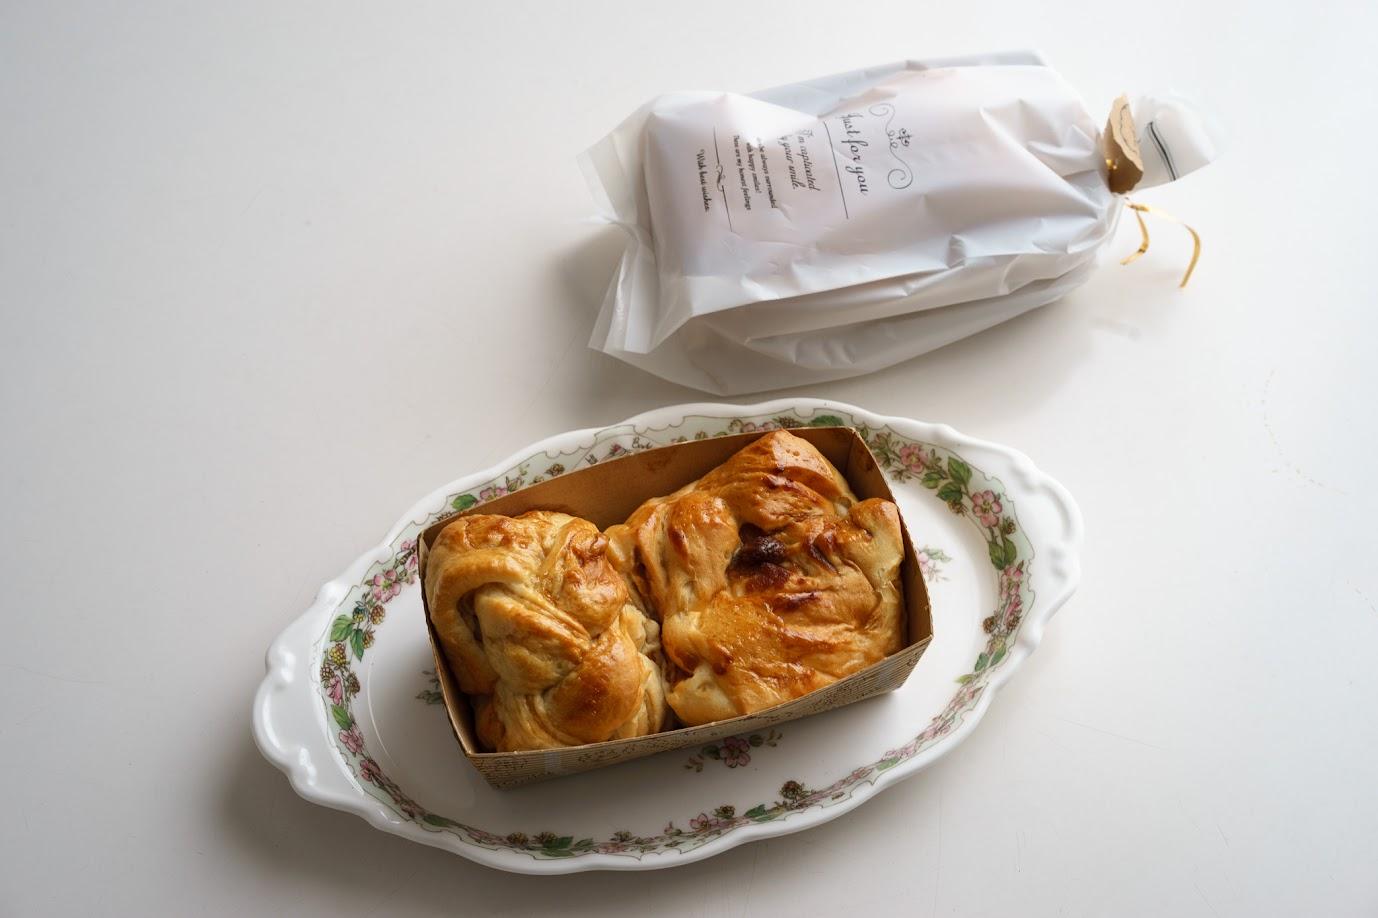 水谷さんからの手作りのパン